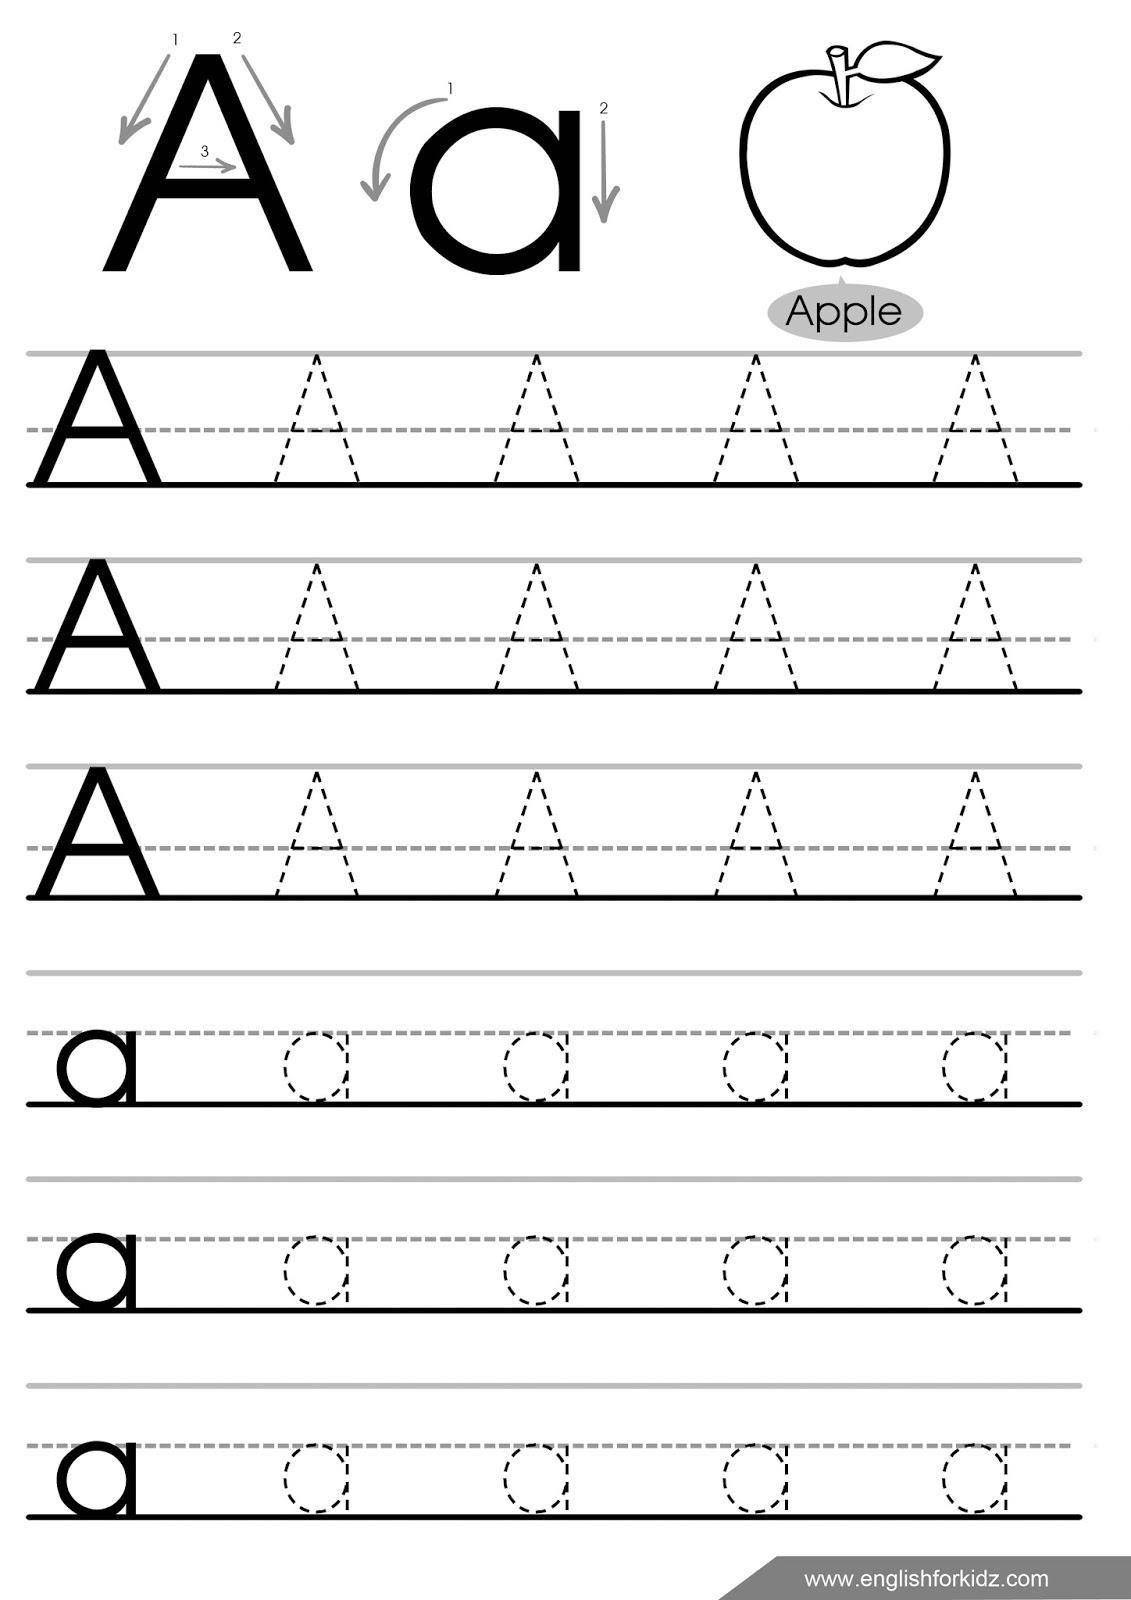 Math Worksheet : Letter Tracing Worksheet Name Practice for Alphabet Tracing Worksheets A-Z Pdf